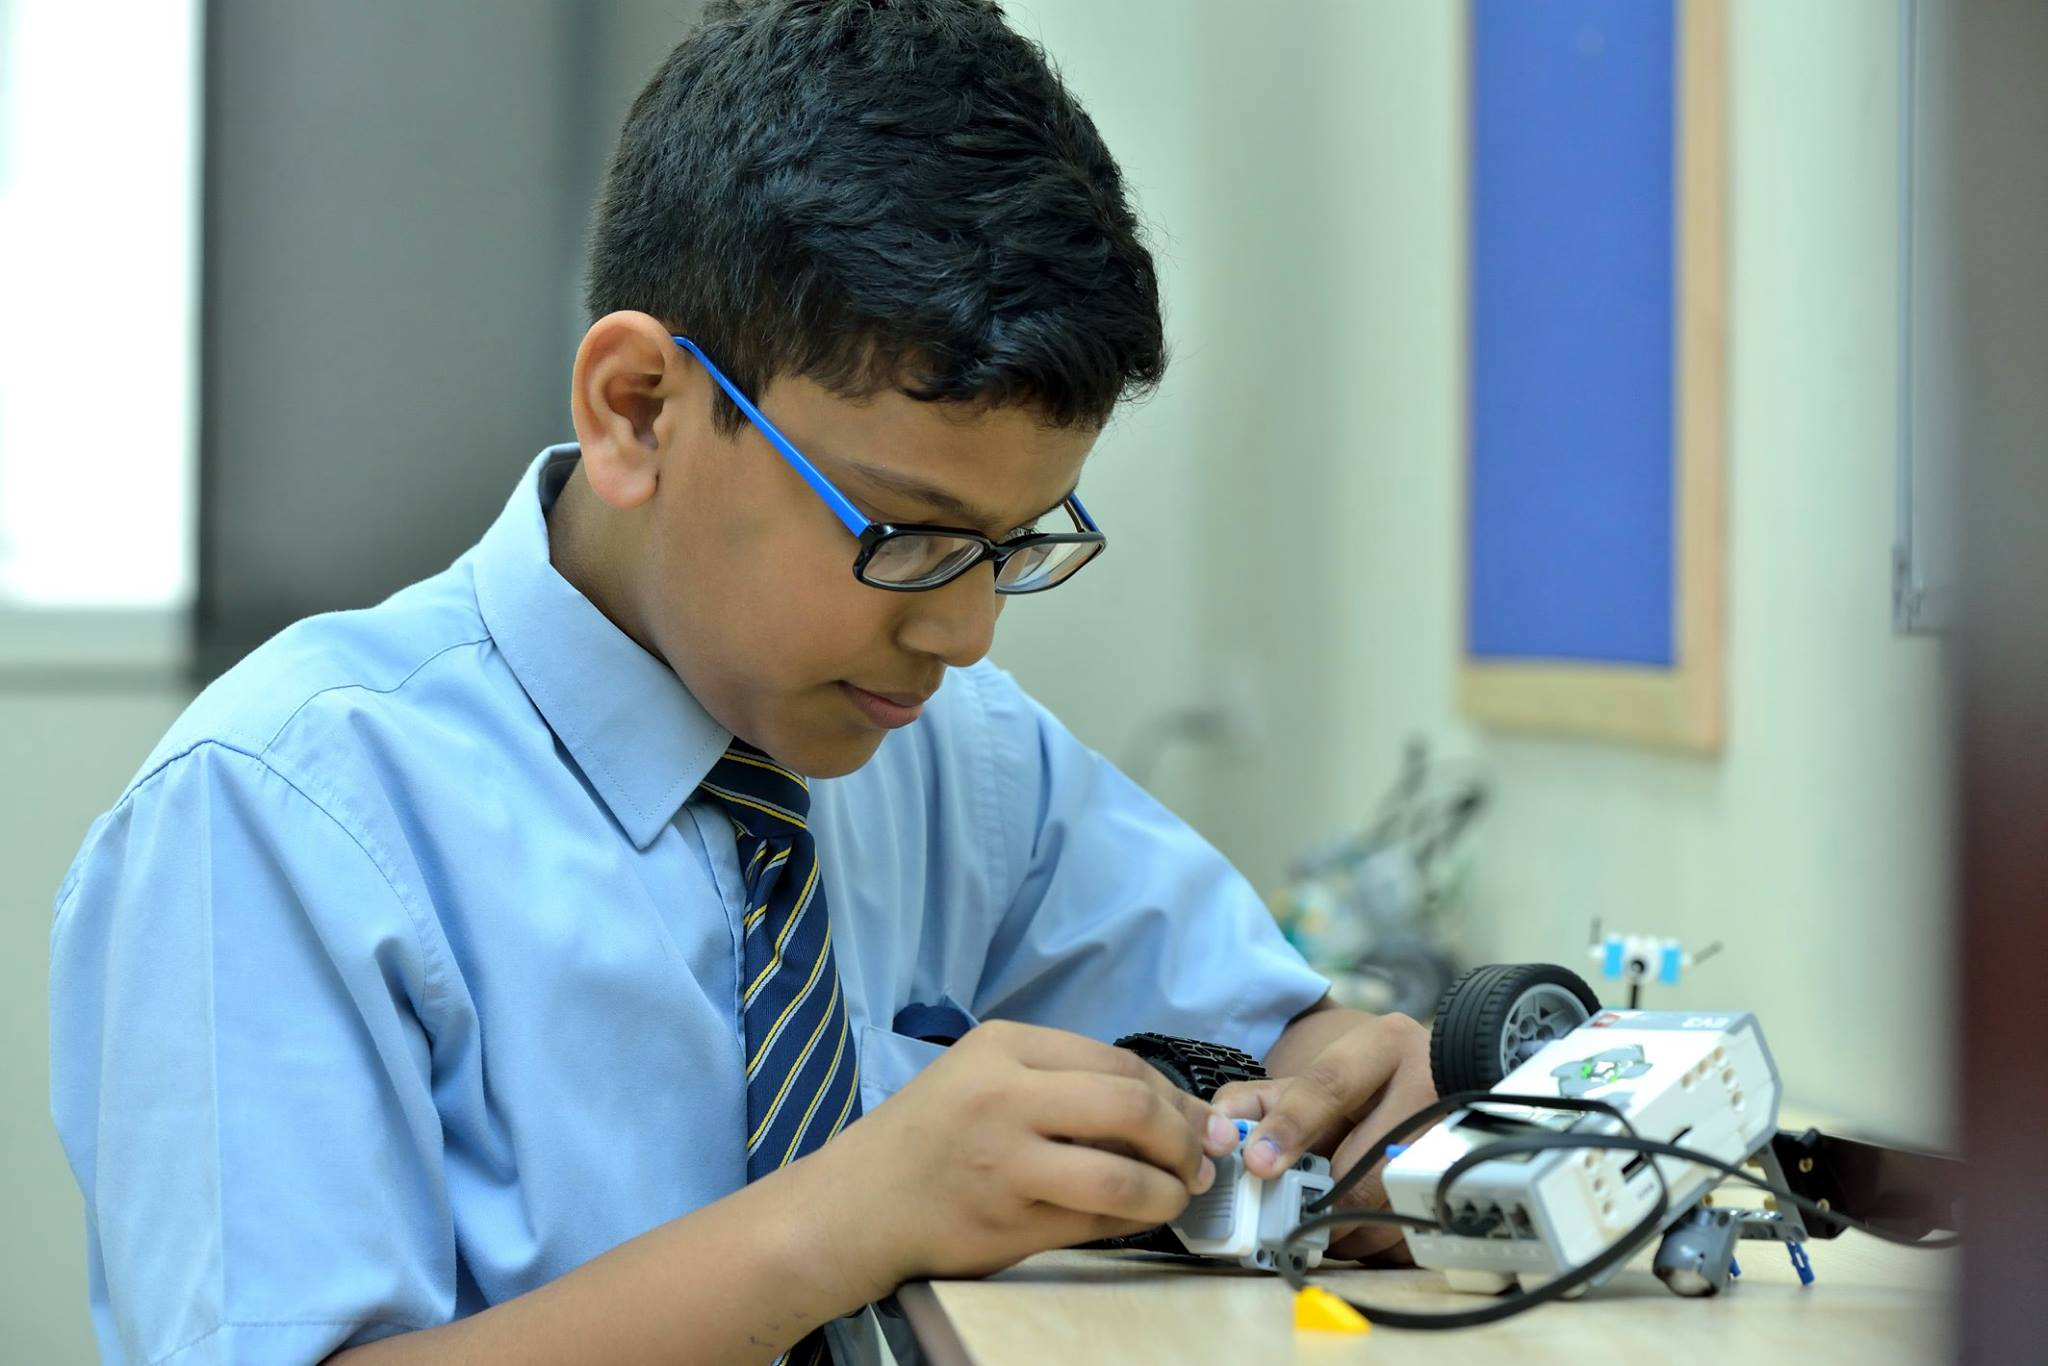 صورة فوتوغرافية لطالب في مدرسة GEMS Heritage الهندية في دبي يشارك في الدراسة مع LEGO Robotics كجزء من منهج STEM المعزز